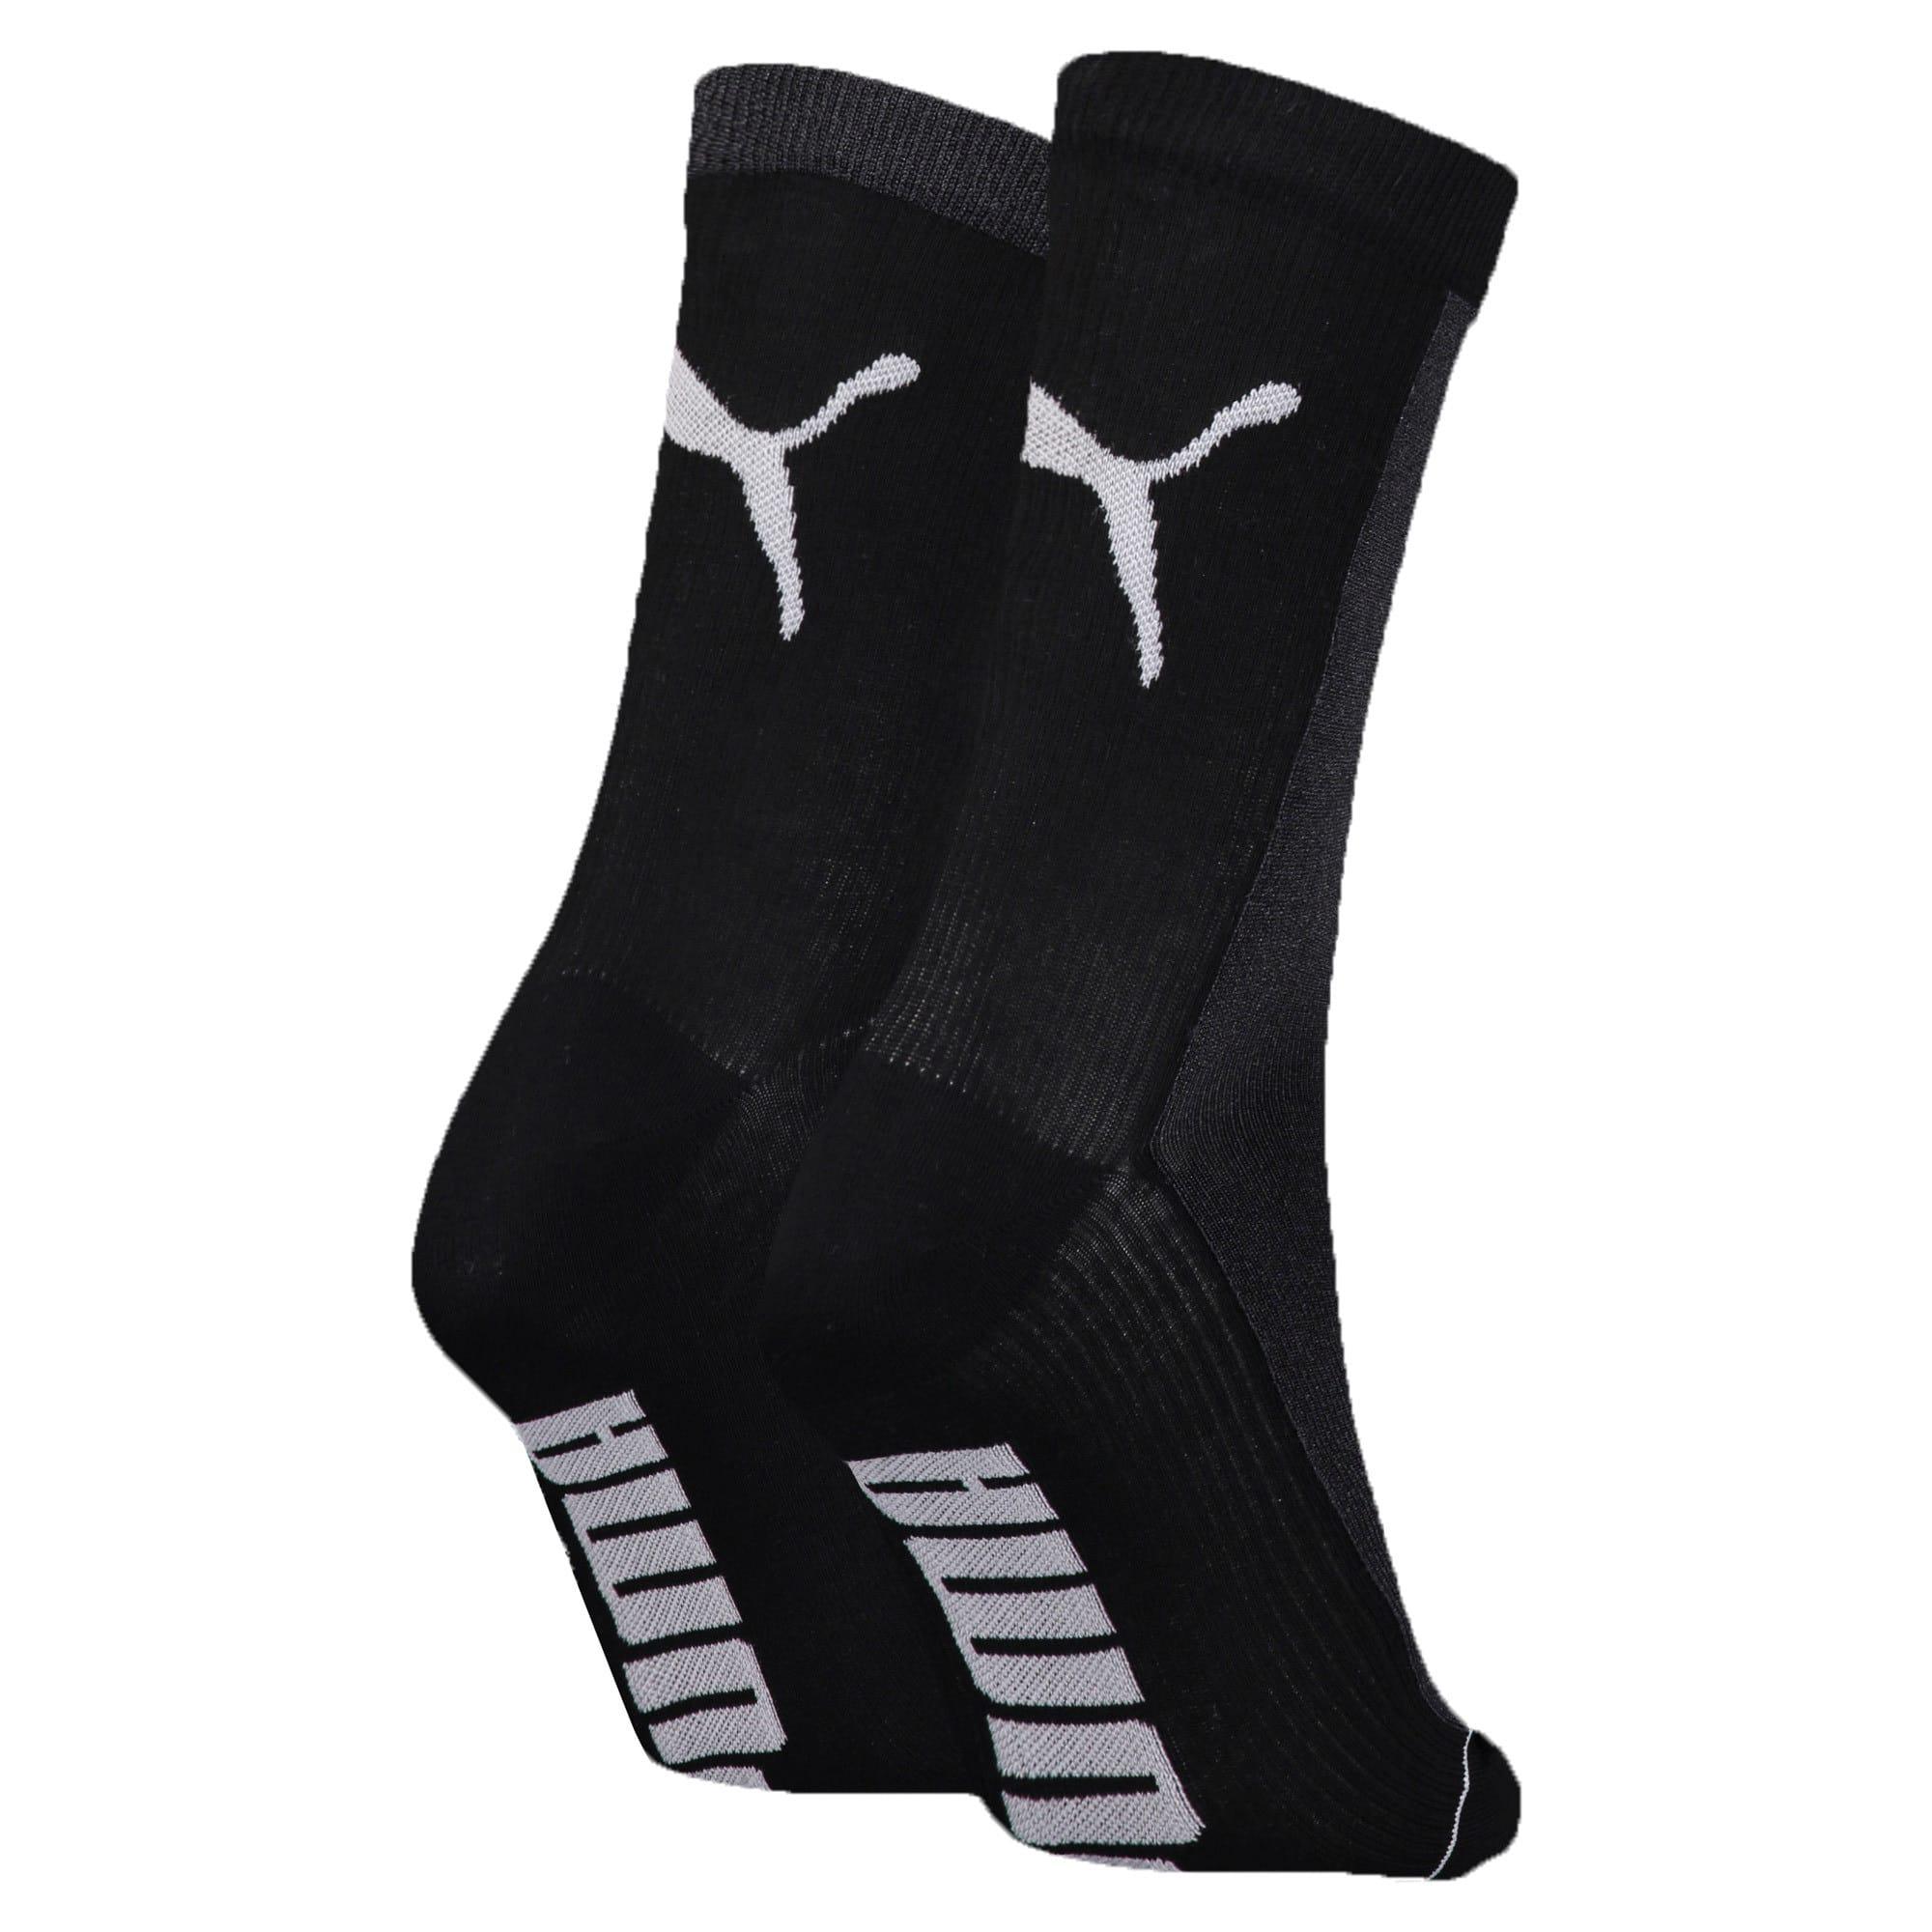 Thumbnail 2 of Radiant Women's Socks 2 Pack, black, medium